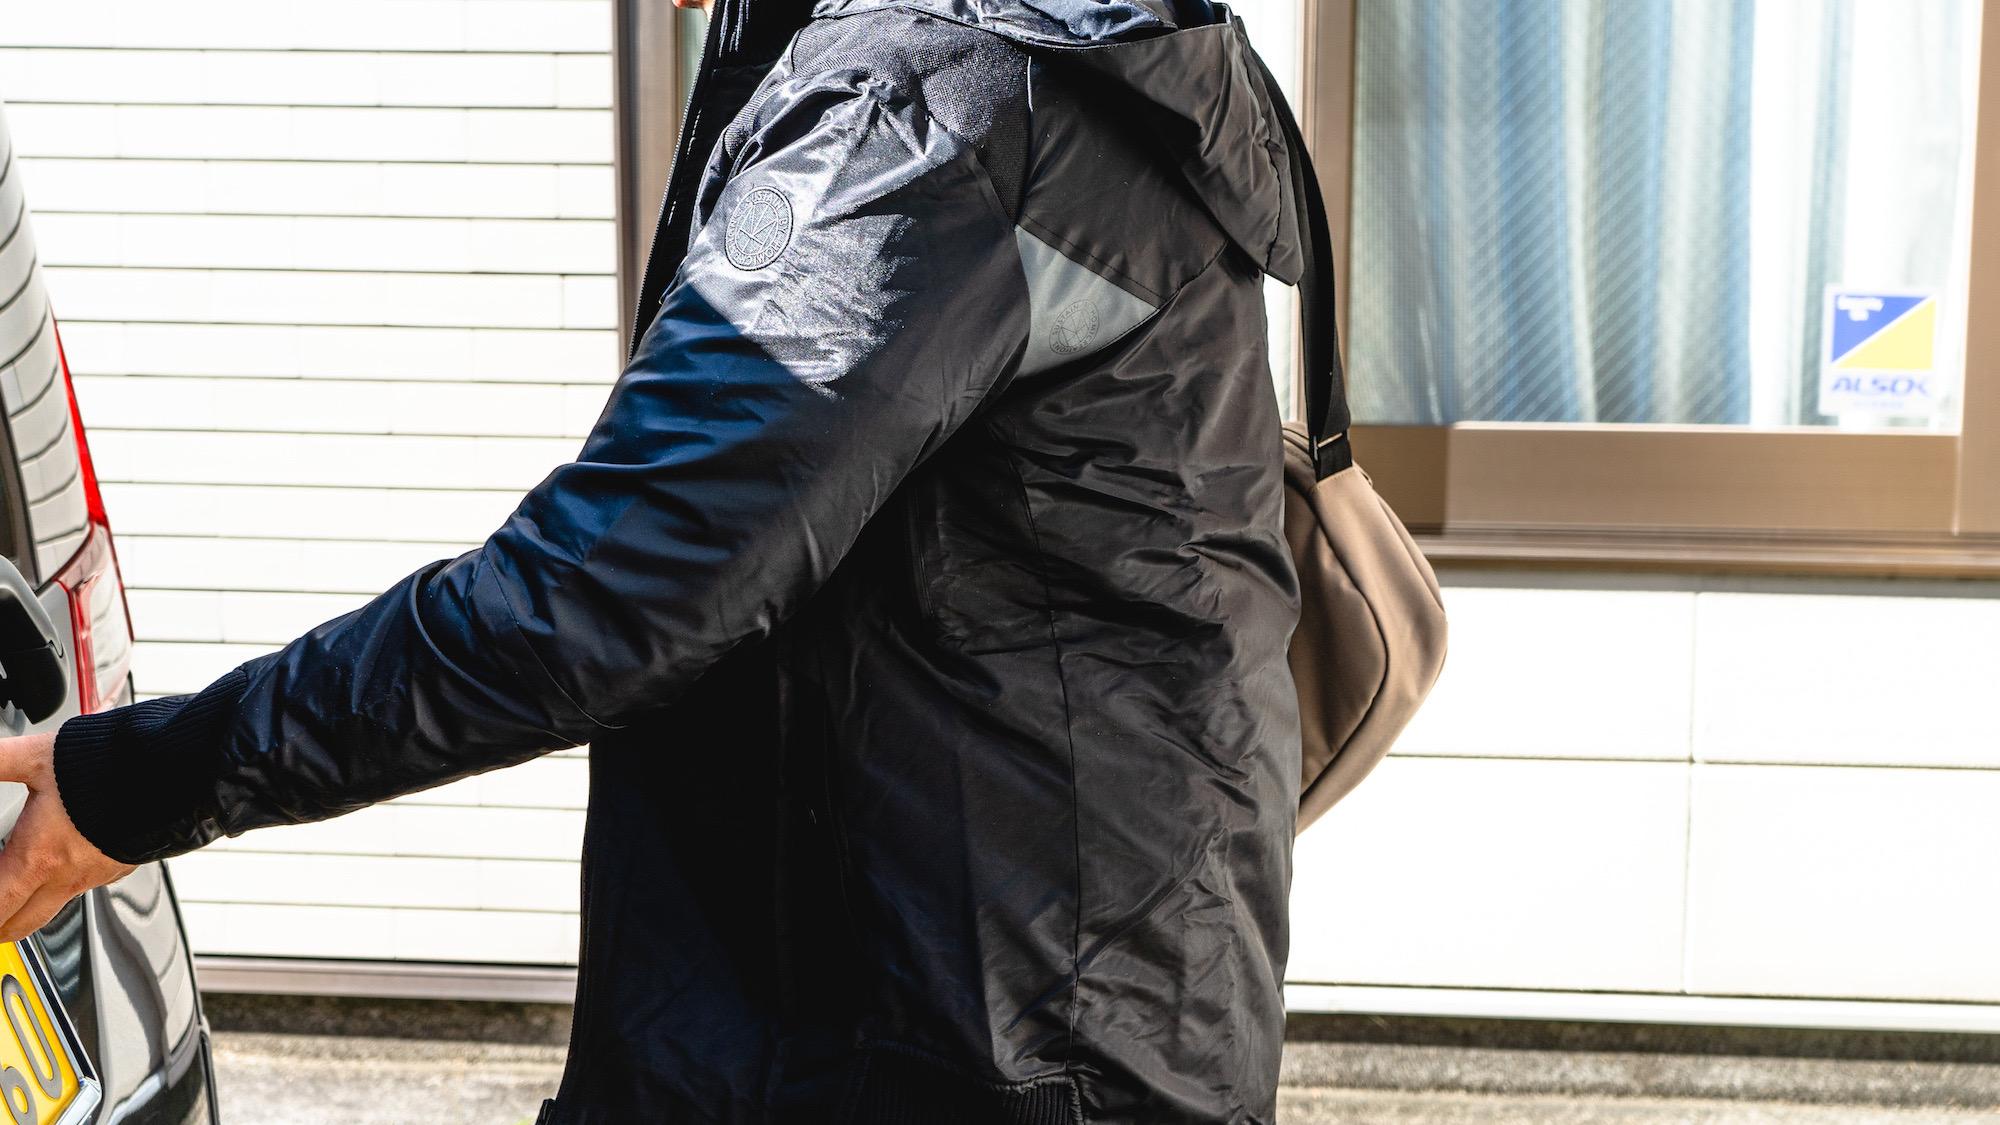 極寒でも耐えられる! 10秒で温まる発熱するジャケットを試してみた